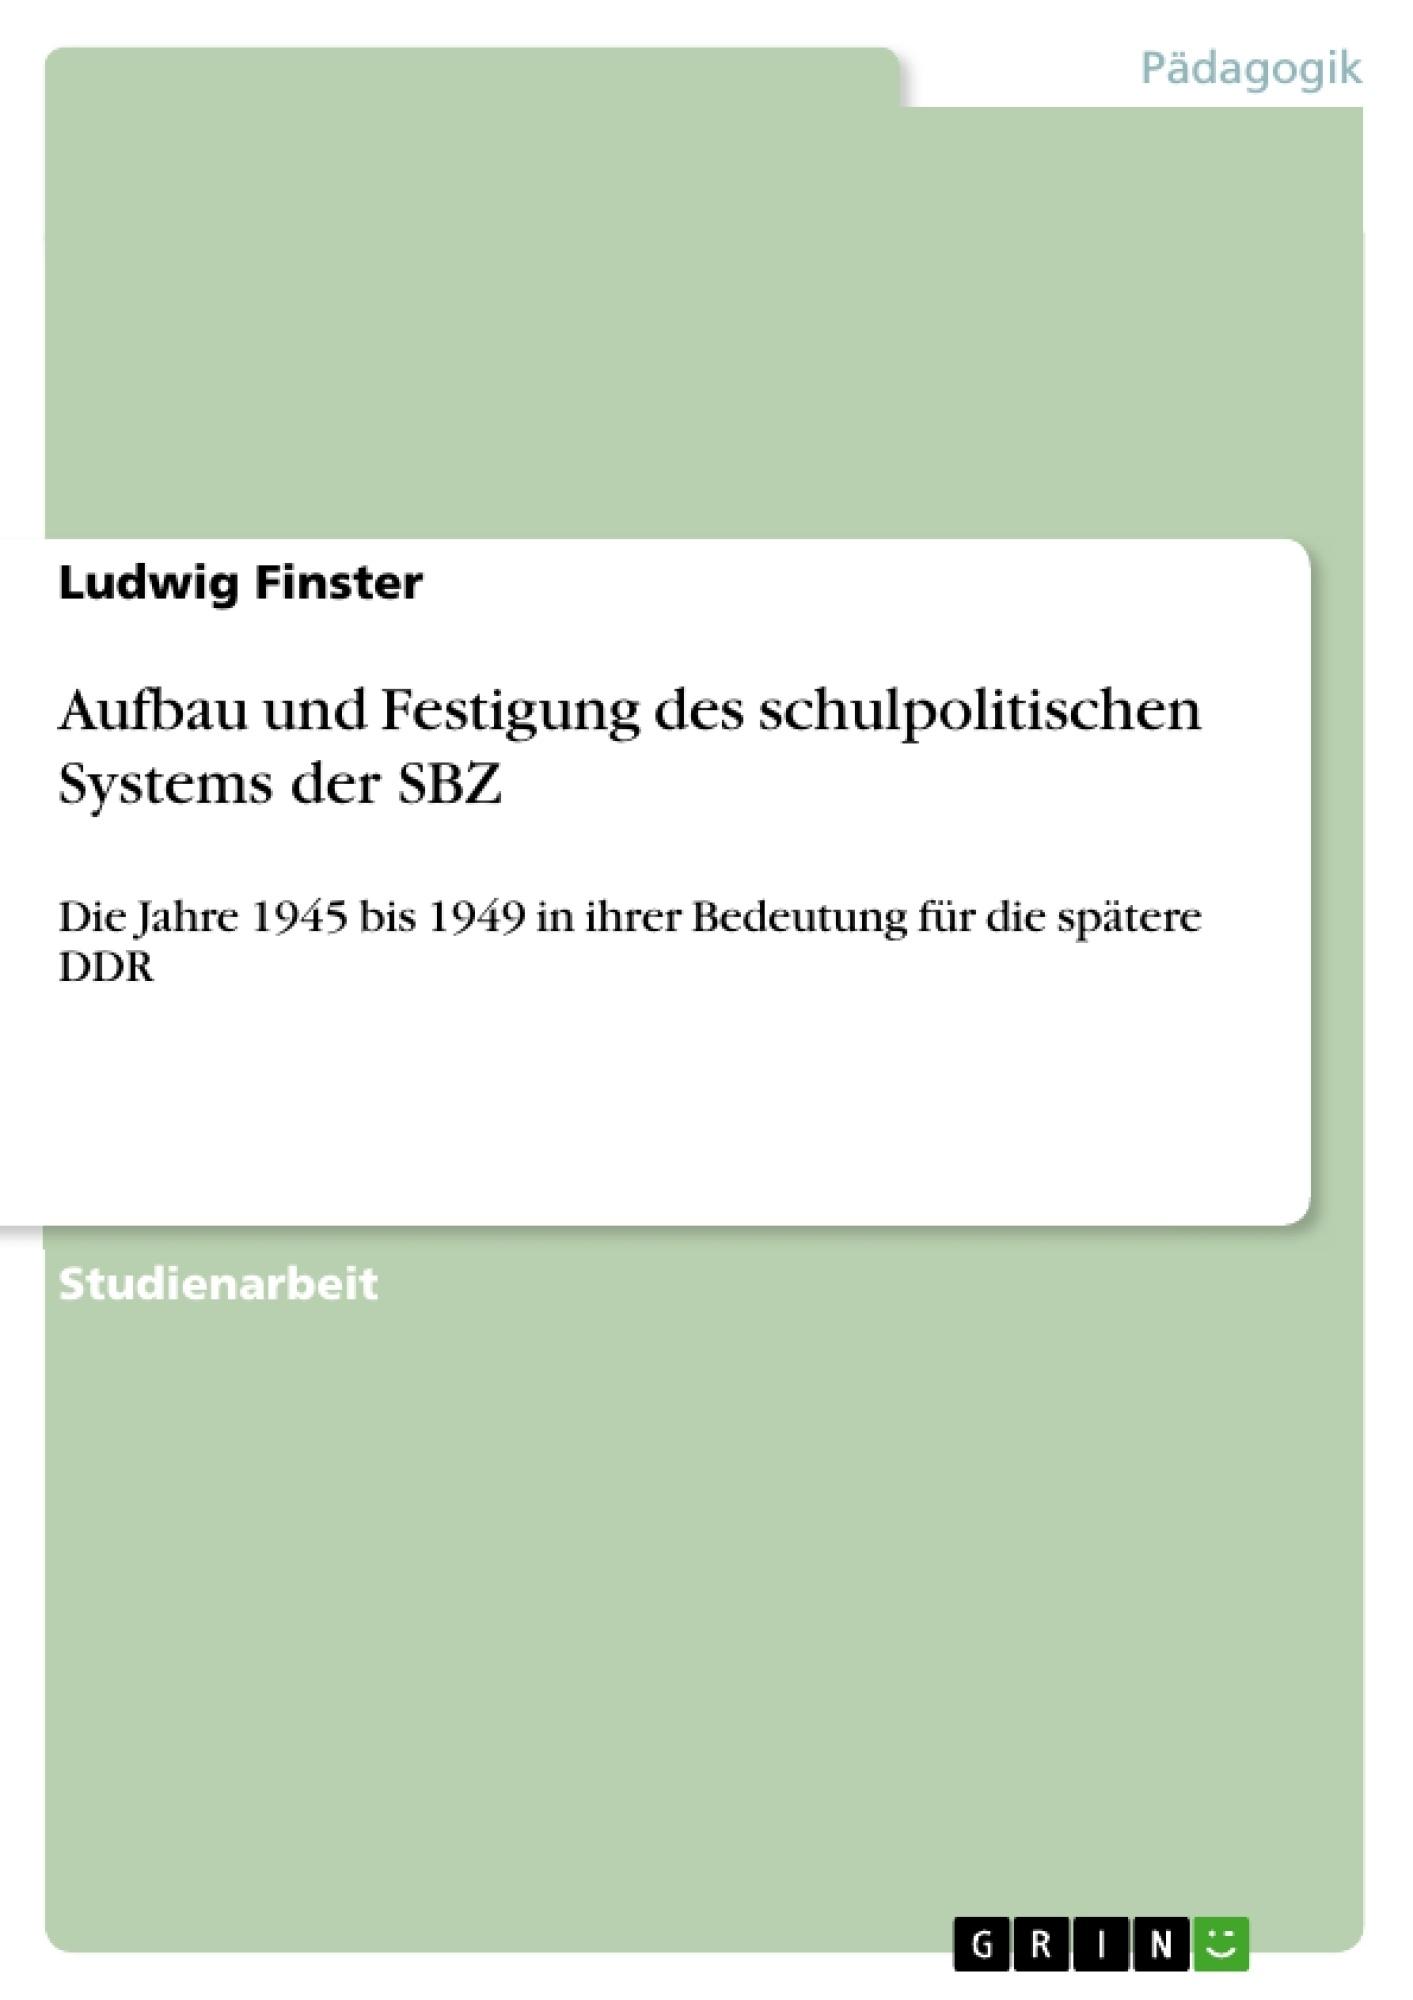 Titel: Aufbau und Festigung des schulpolitischen Systems der SBZ